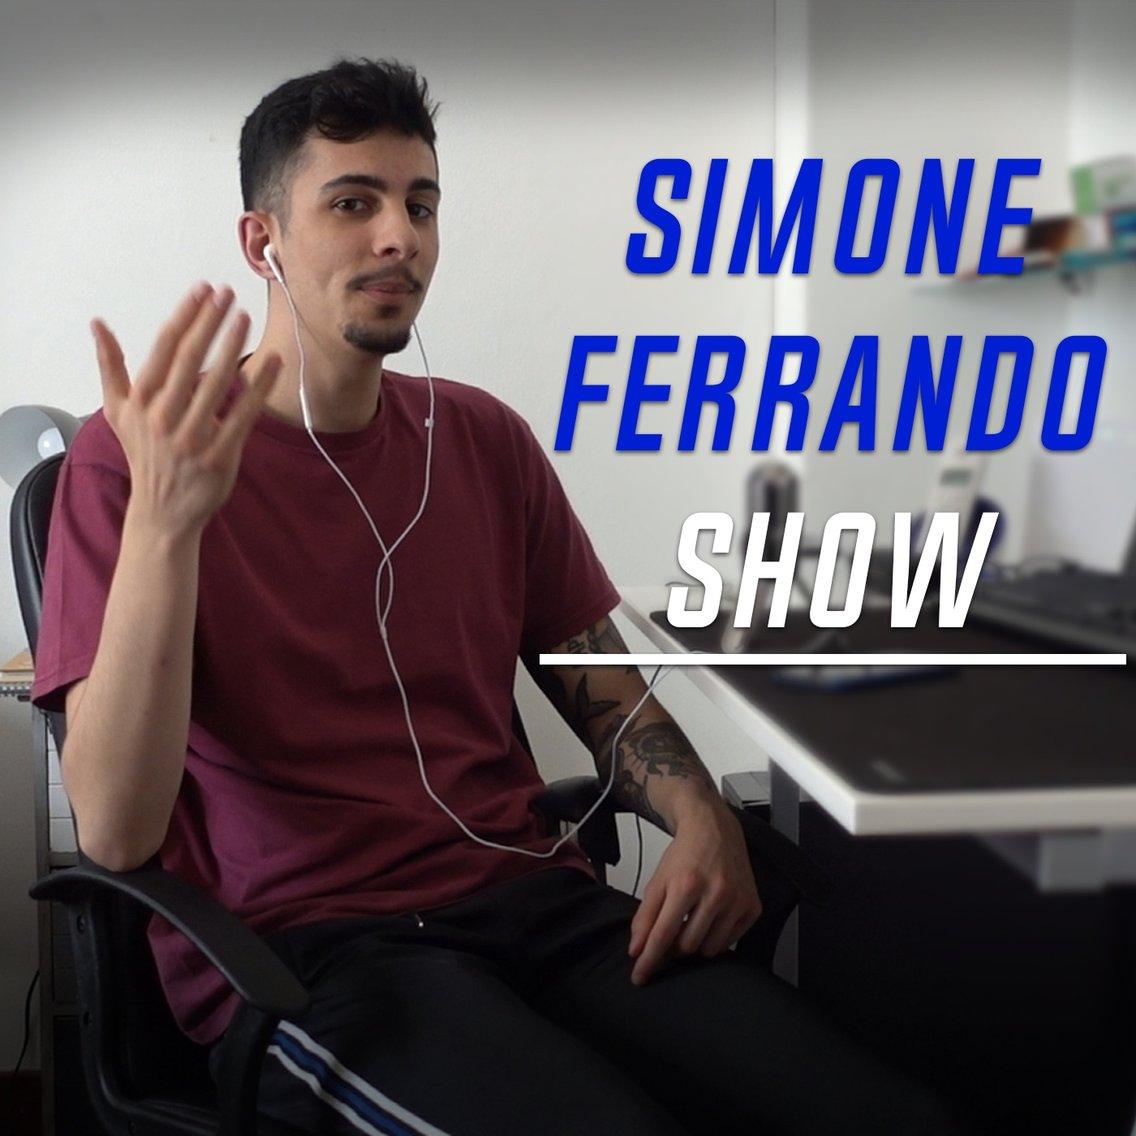 Simone Ferrando Show - immagine di copertina